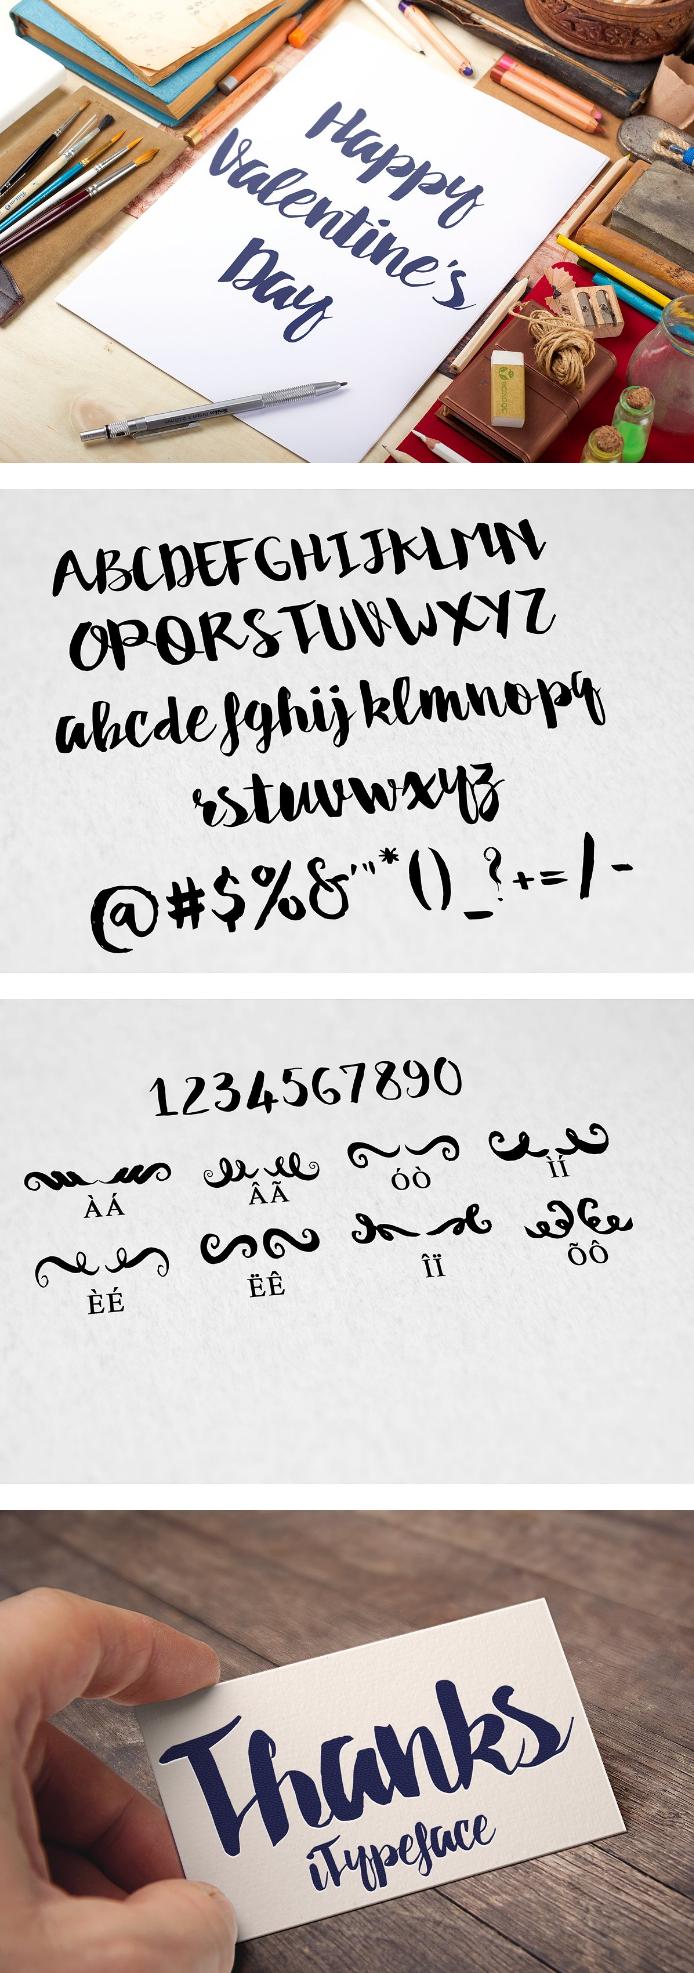 Dakota Script Calligraphy Typeface